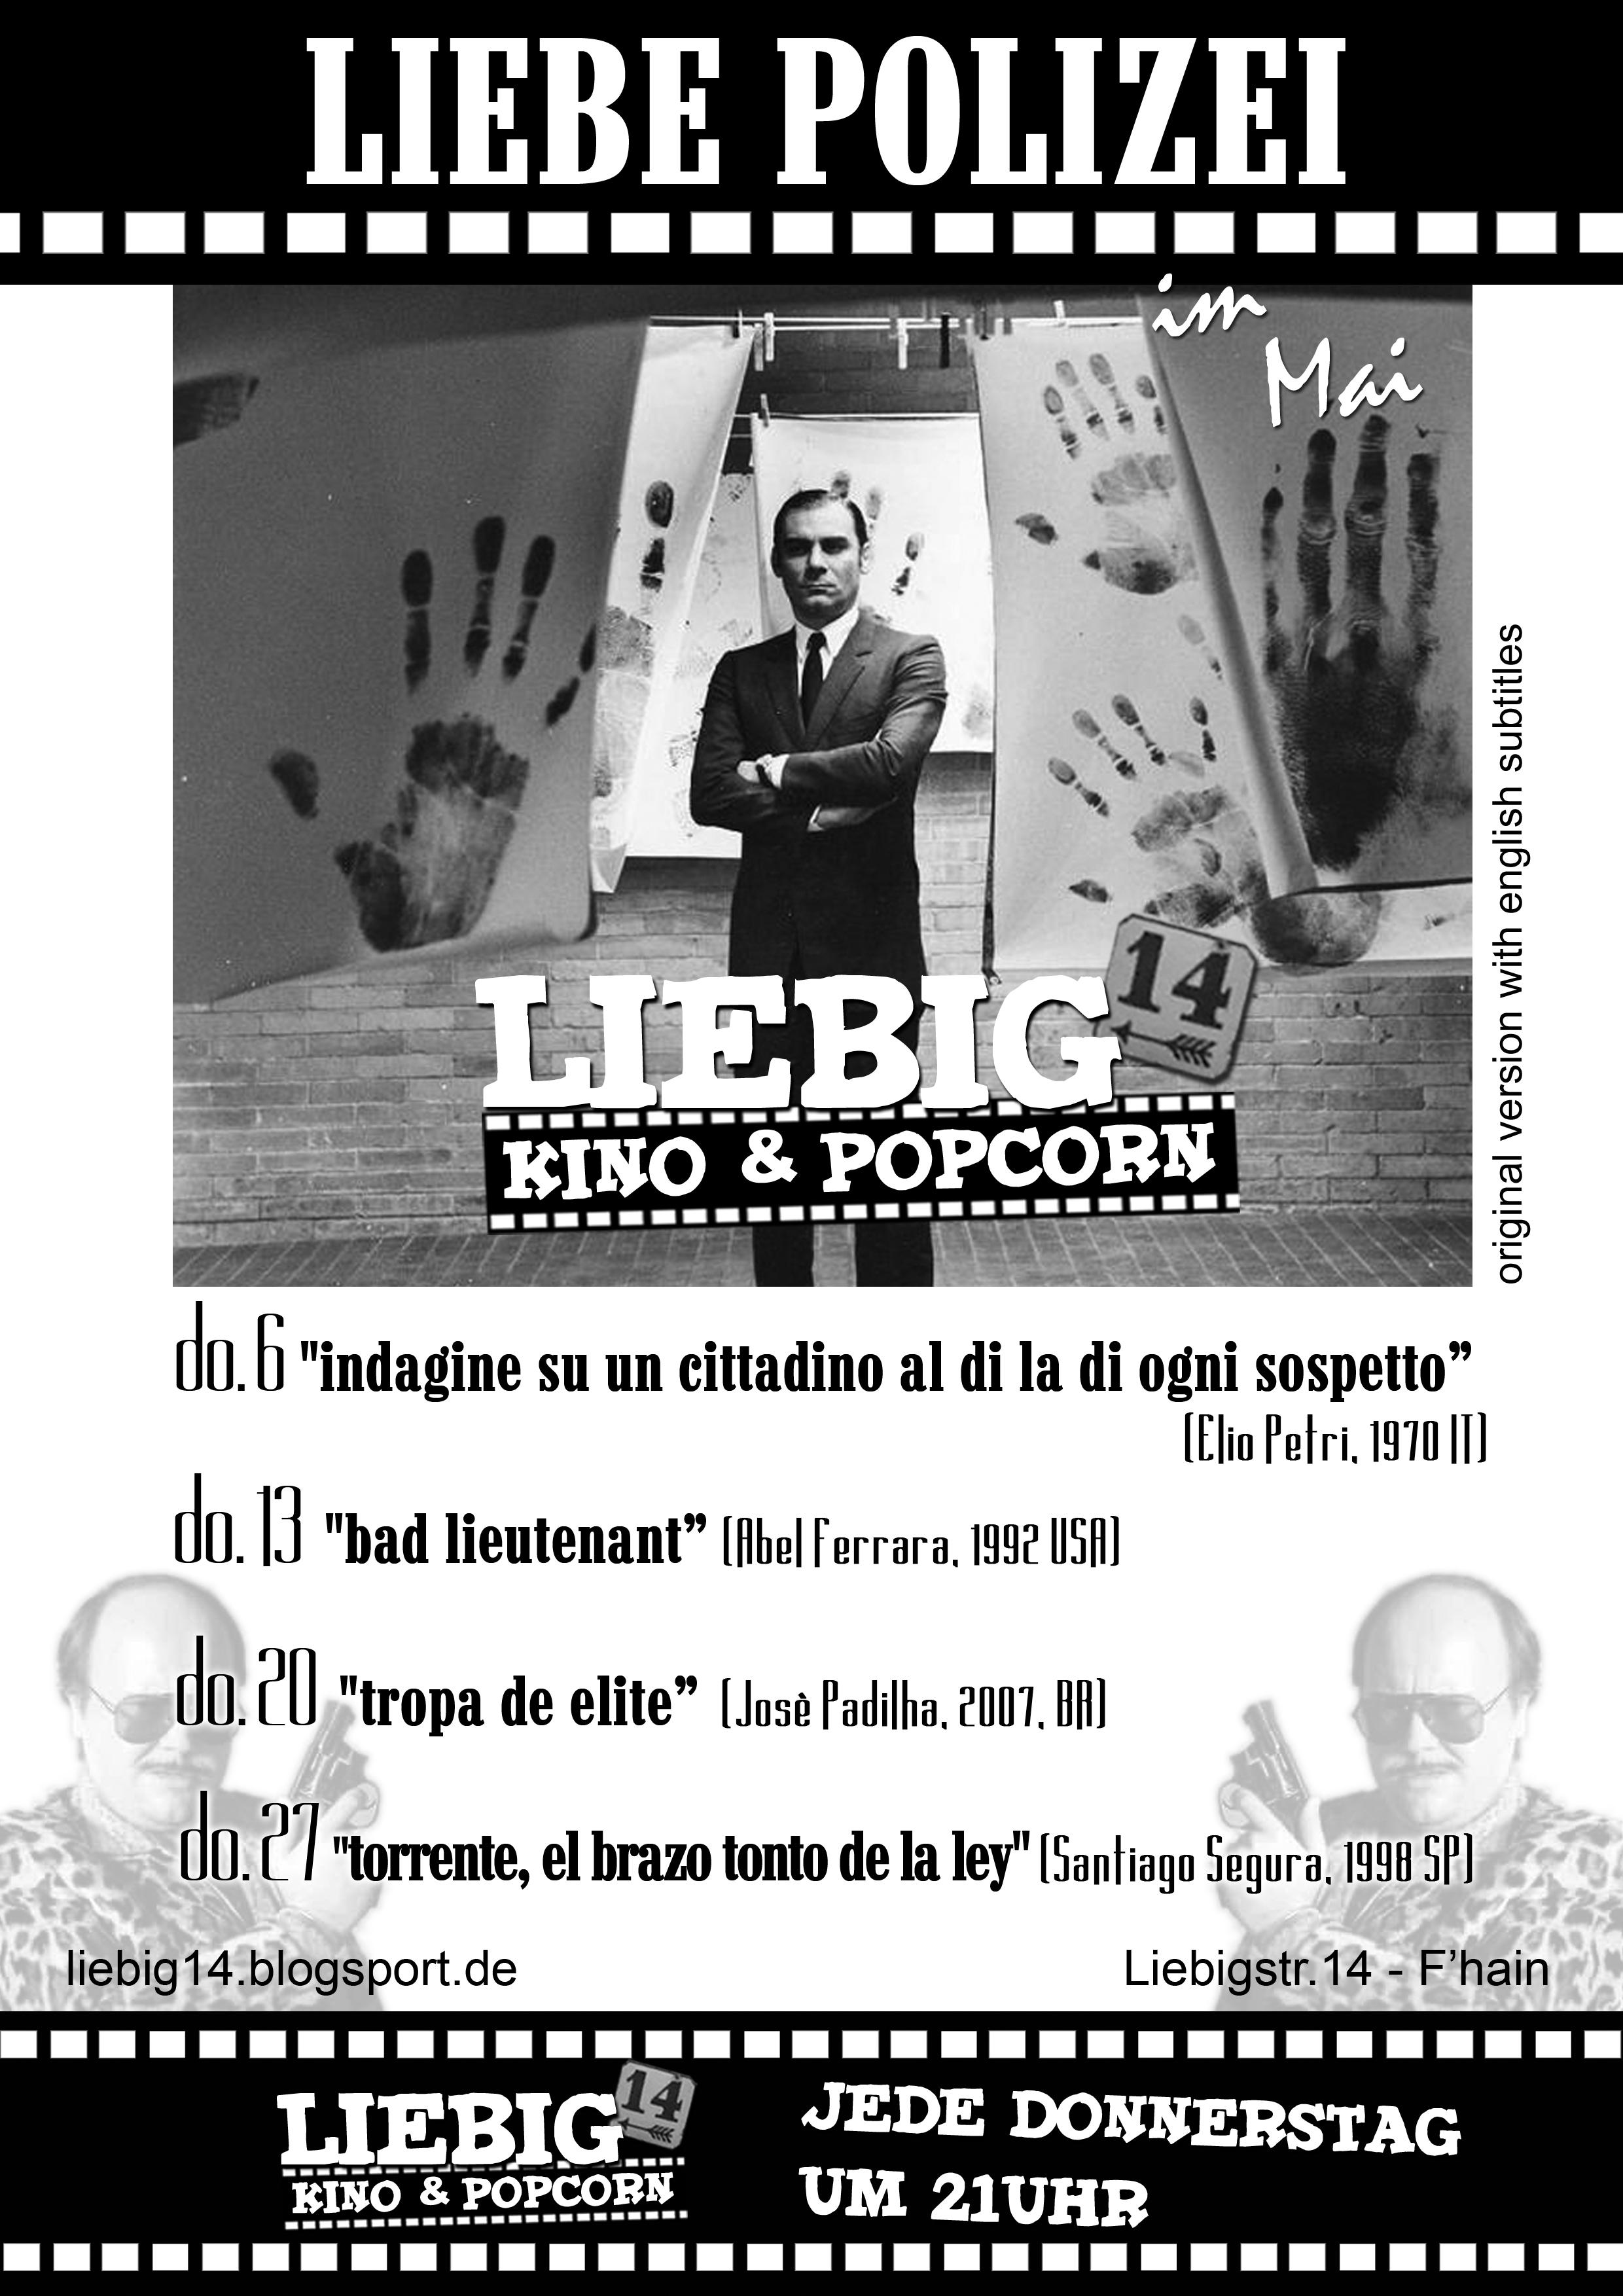 Kino&Popcorn 21uhr jeden Donnerstag